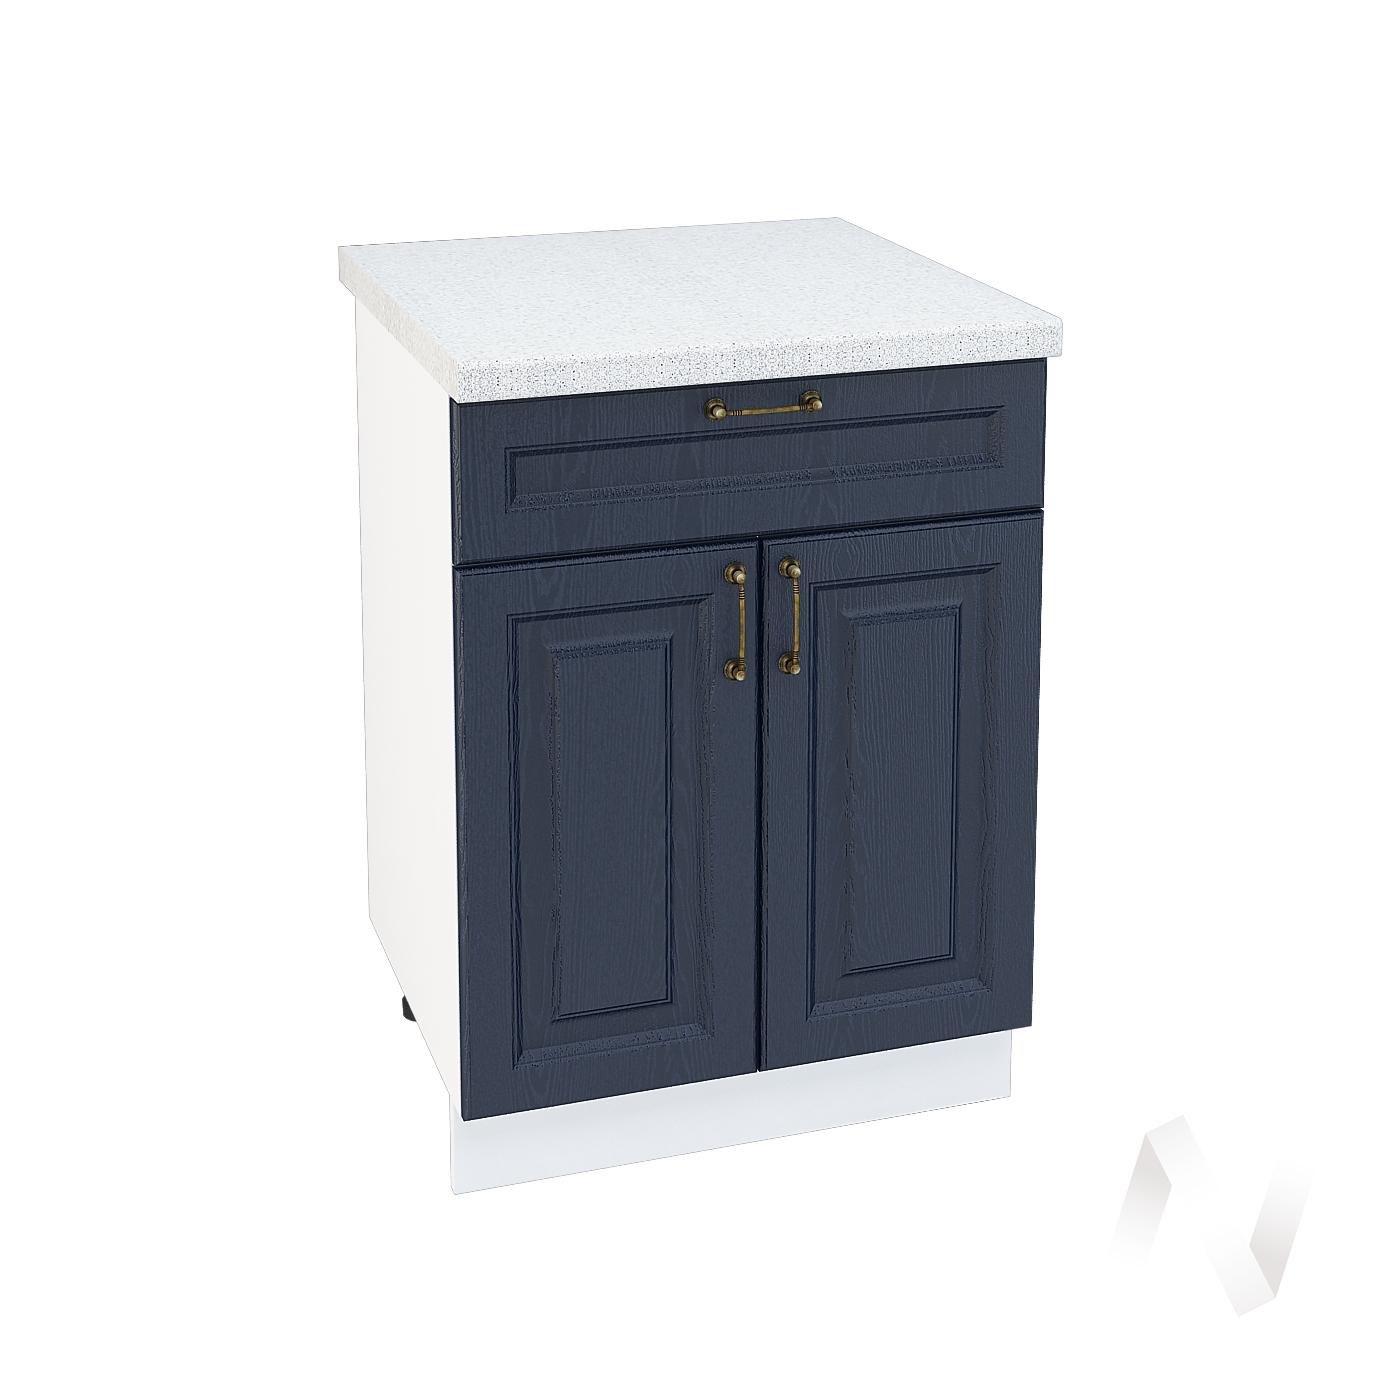 """Кухня """"Ницца"""": Шкаф нижний с ящиком 600, ШН1Я 600 М (Дуб чернильный/корпус белый)"""